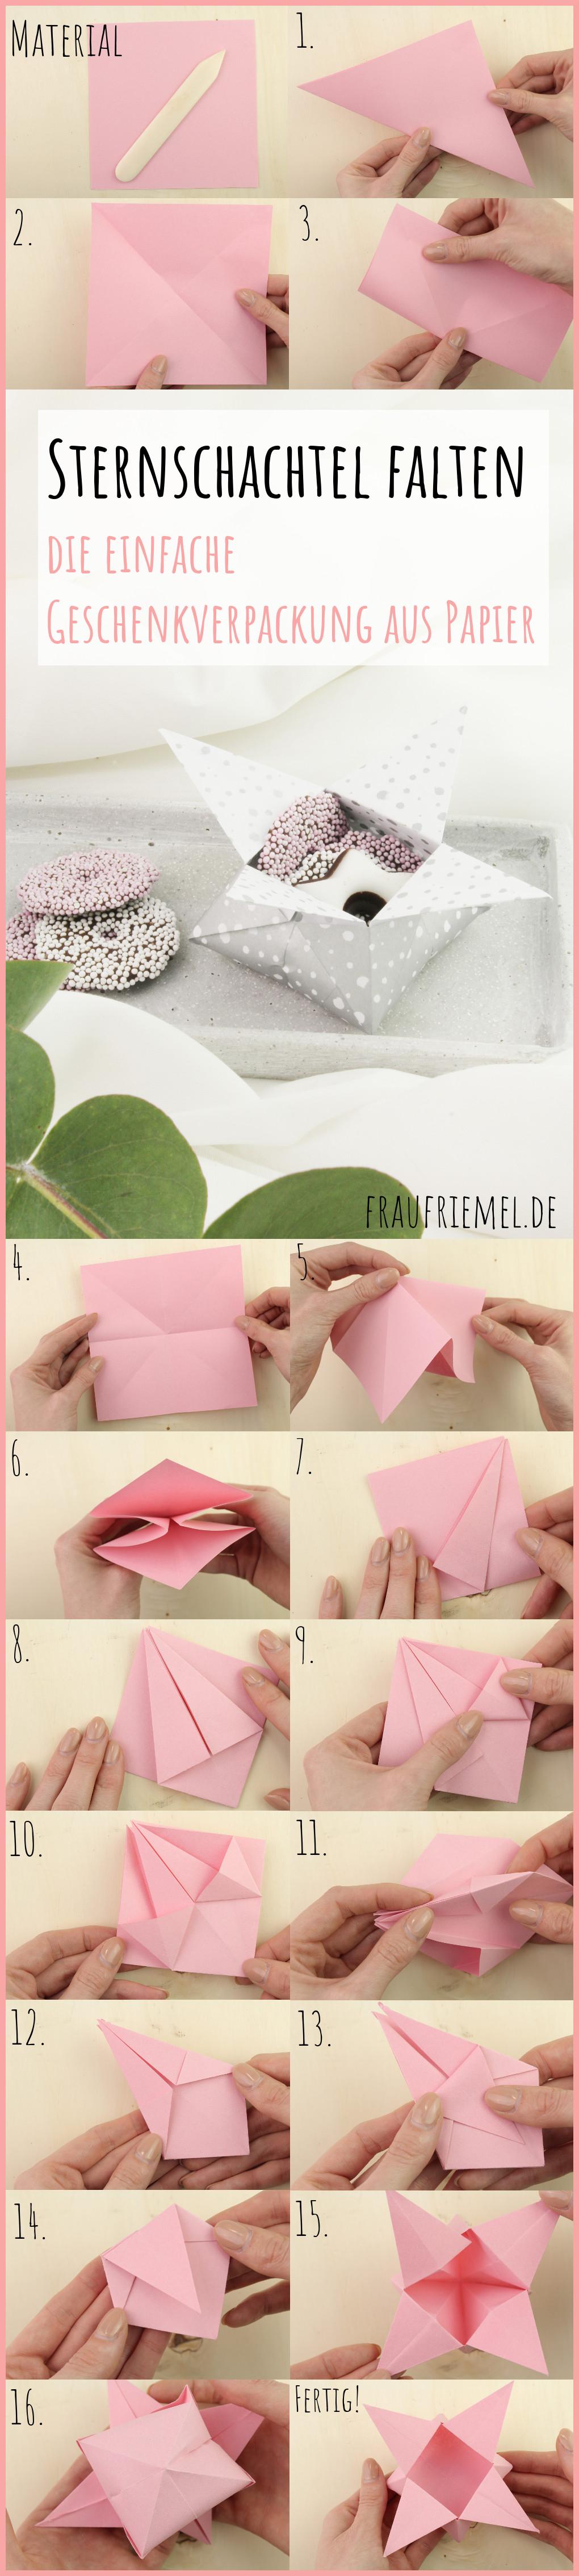 Origami Sternschachtel falten mit frau friemel